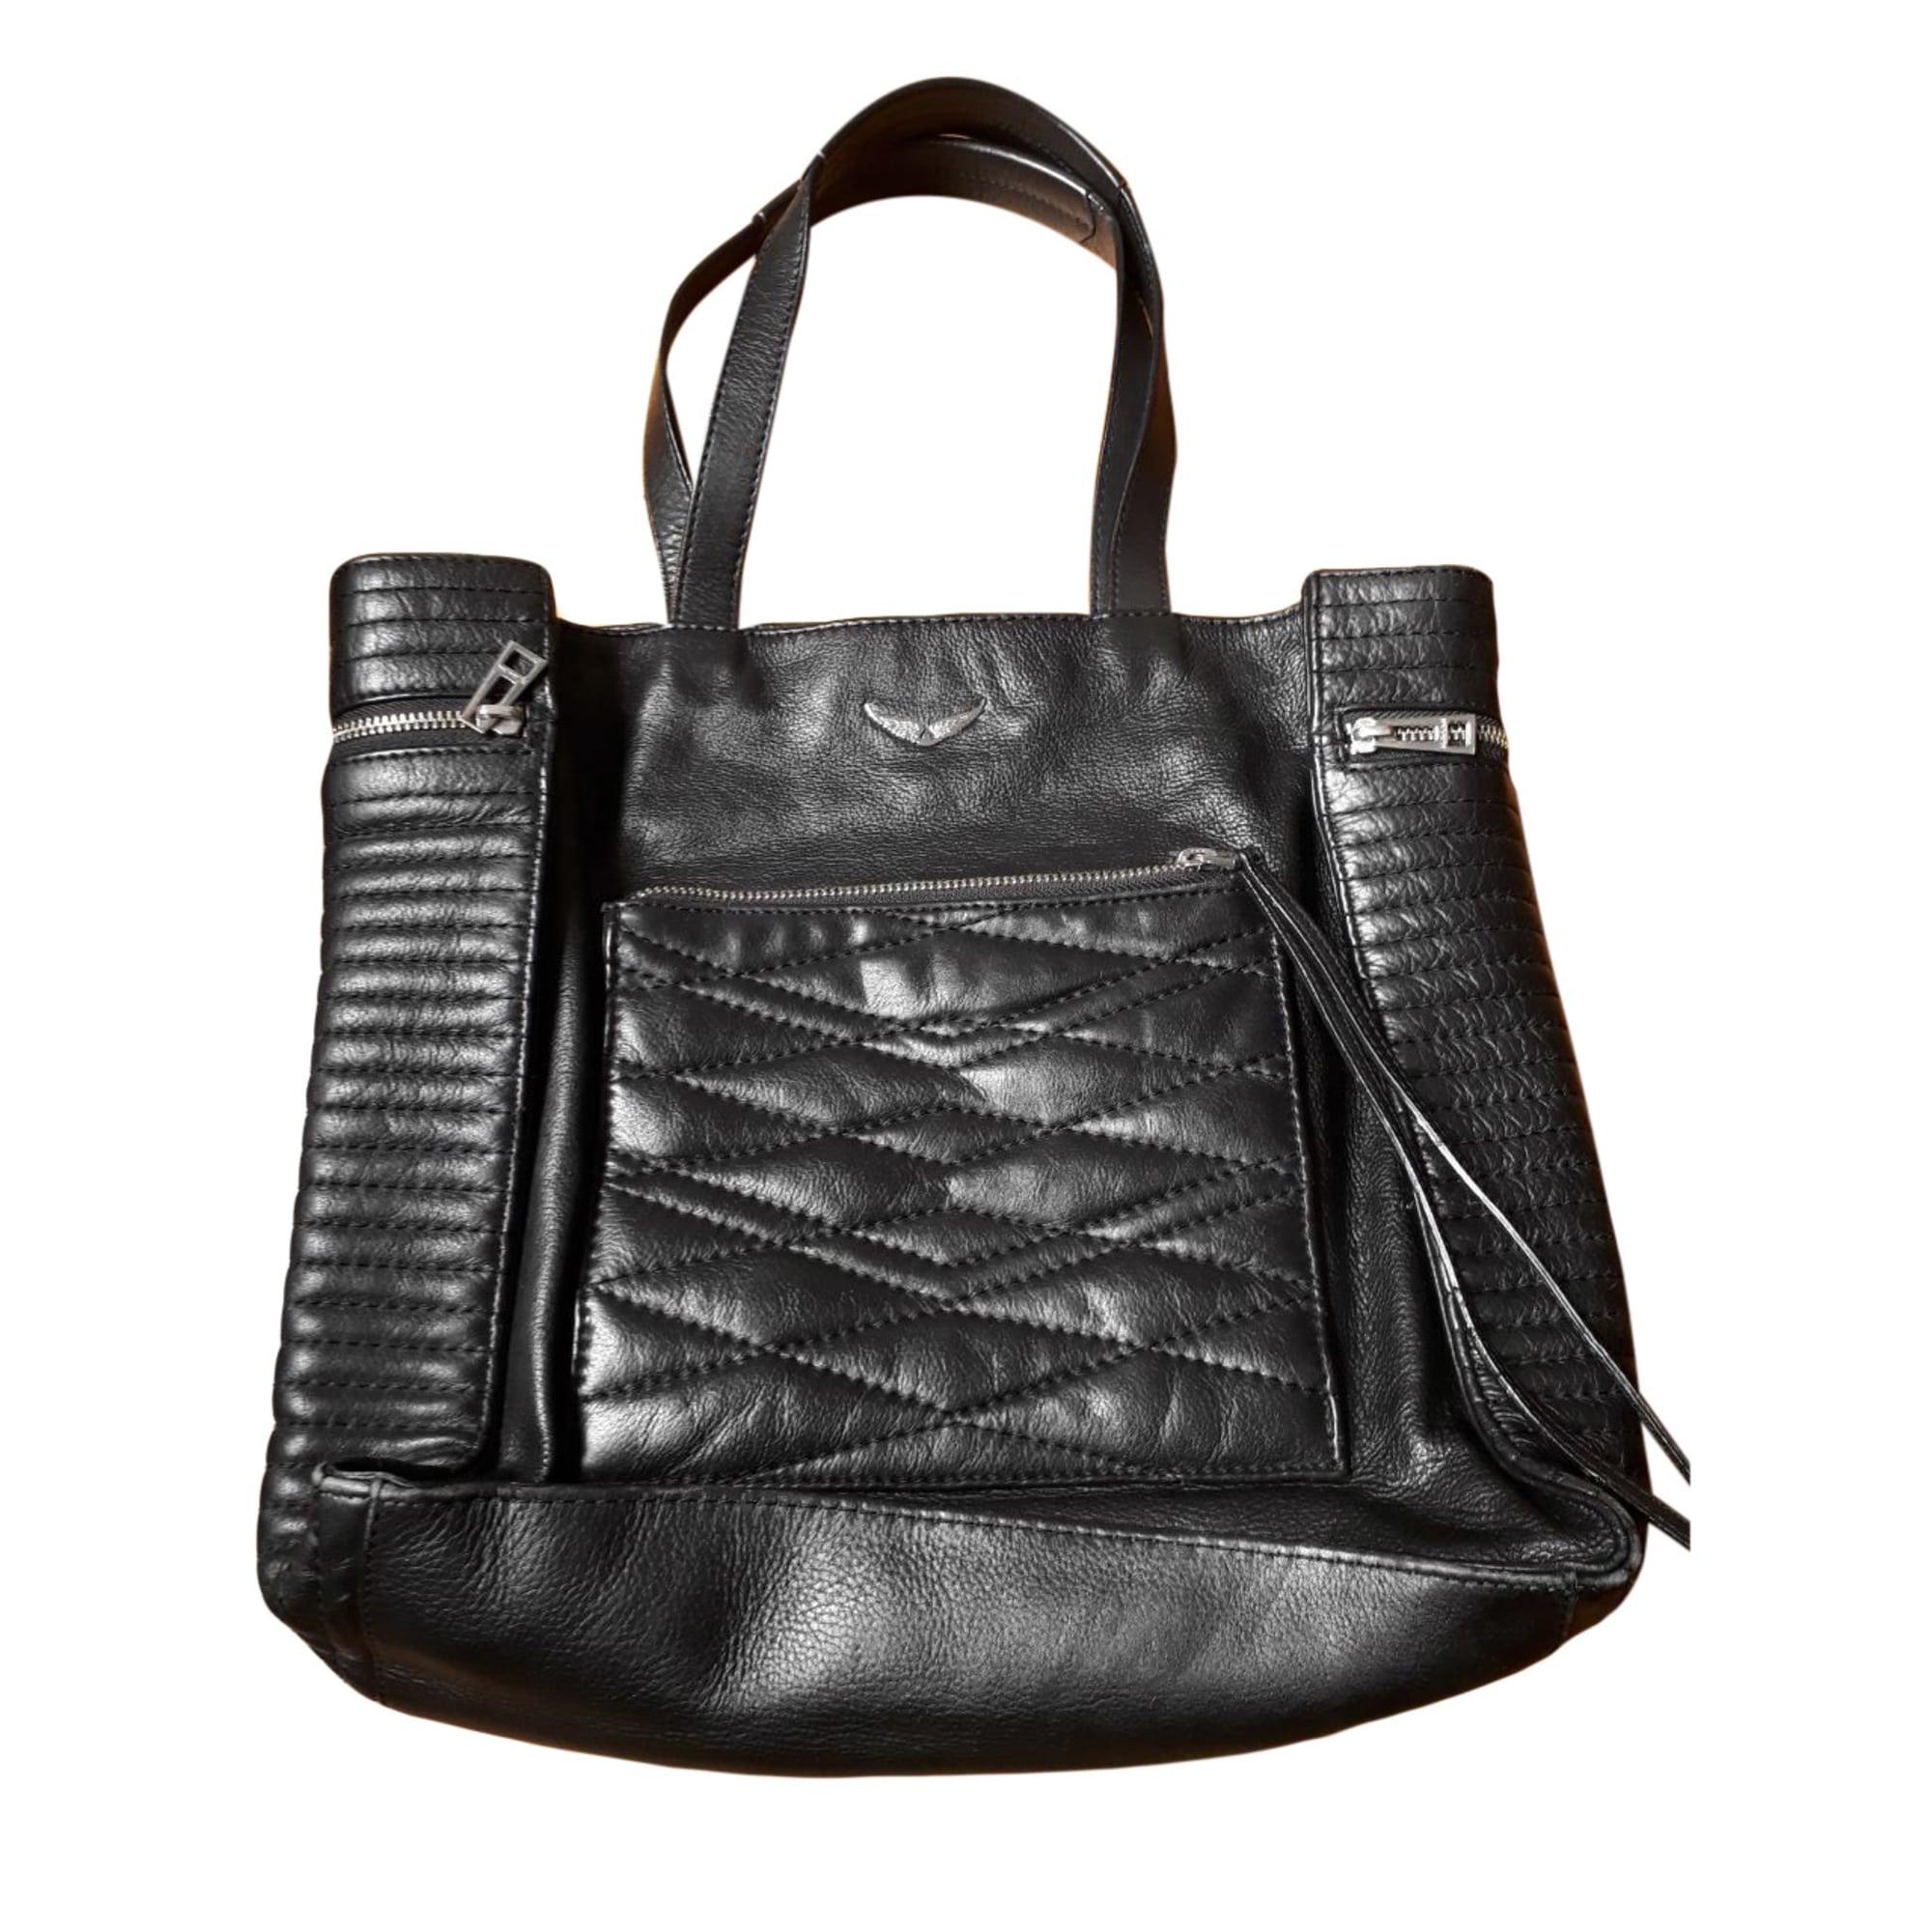 abc68aeb84 Sac à main en cuir ZADIG & VOLTAIRE noir vendu par Le dressing d ...